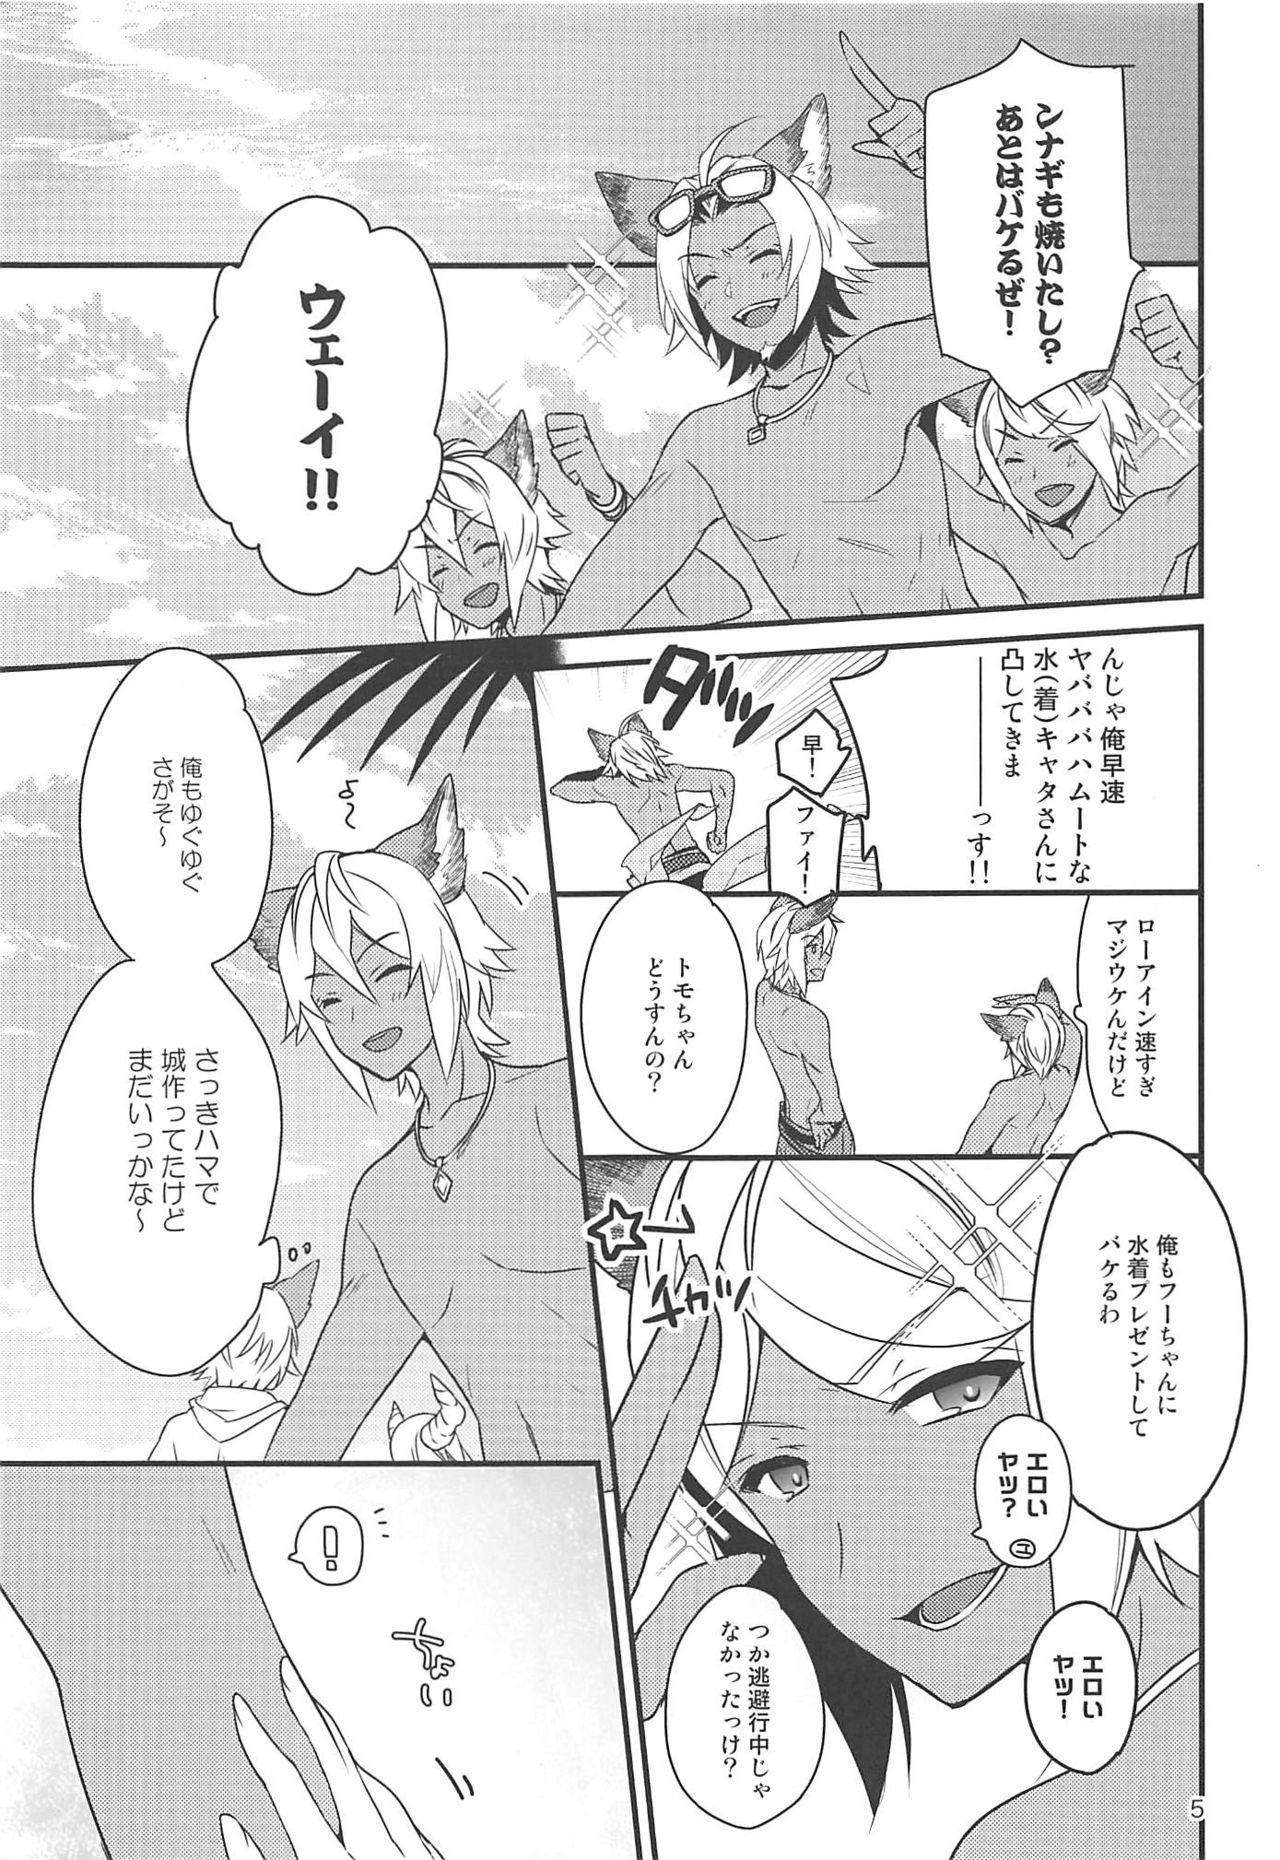 500-sai Kurai Toshiue no Seishoujuu to Guste de Bakeru Hanashi 3